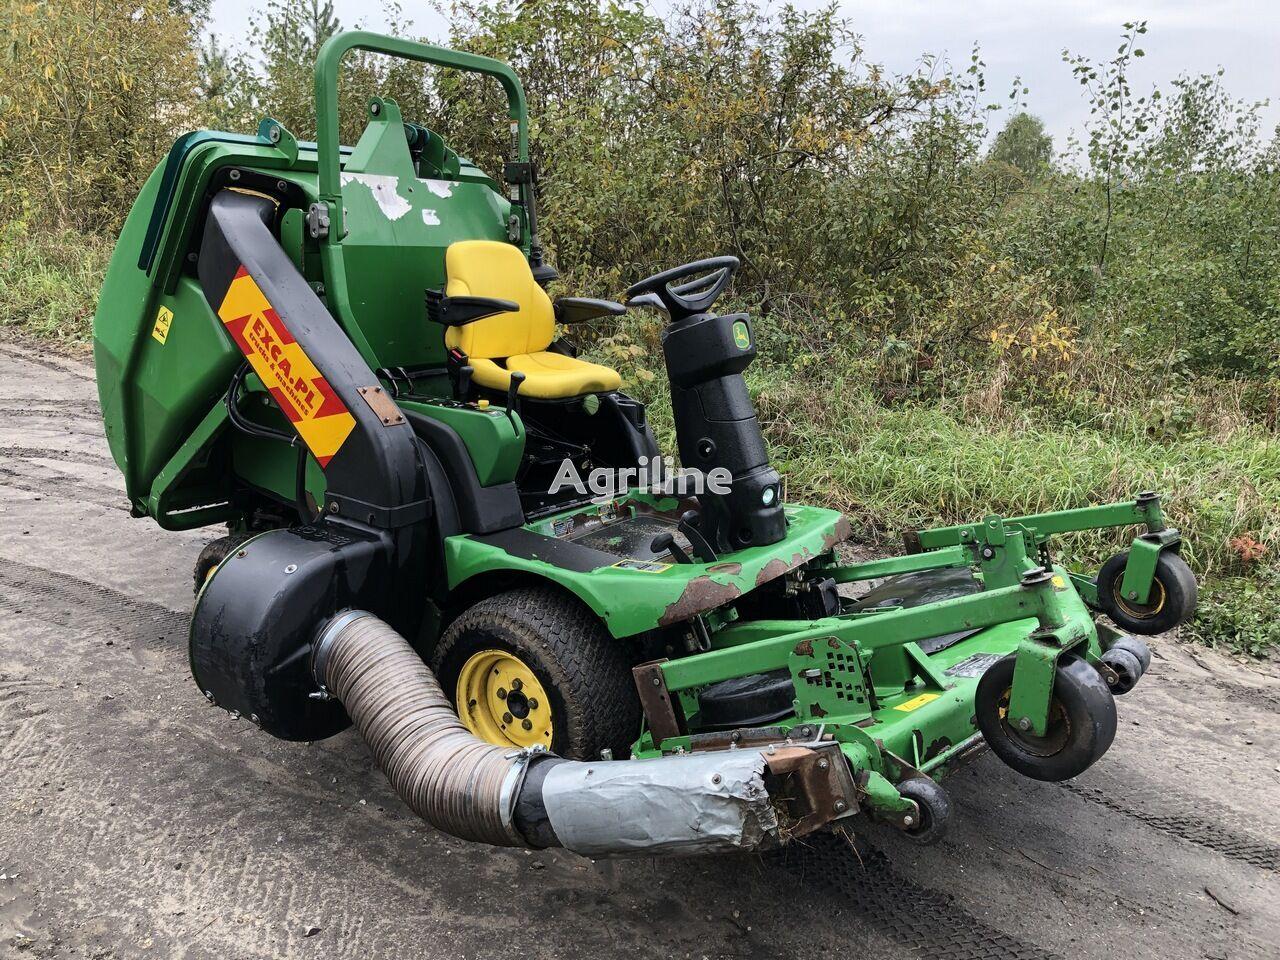 JOHN DEERE 1565 Series II 4x4 tractor cortacésped